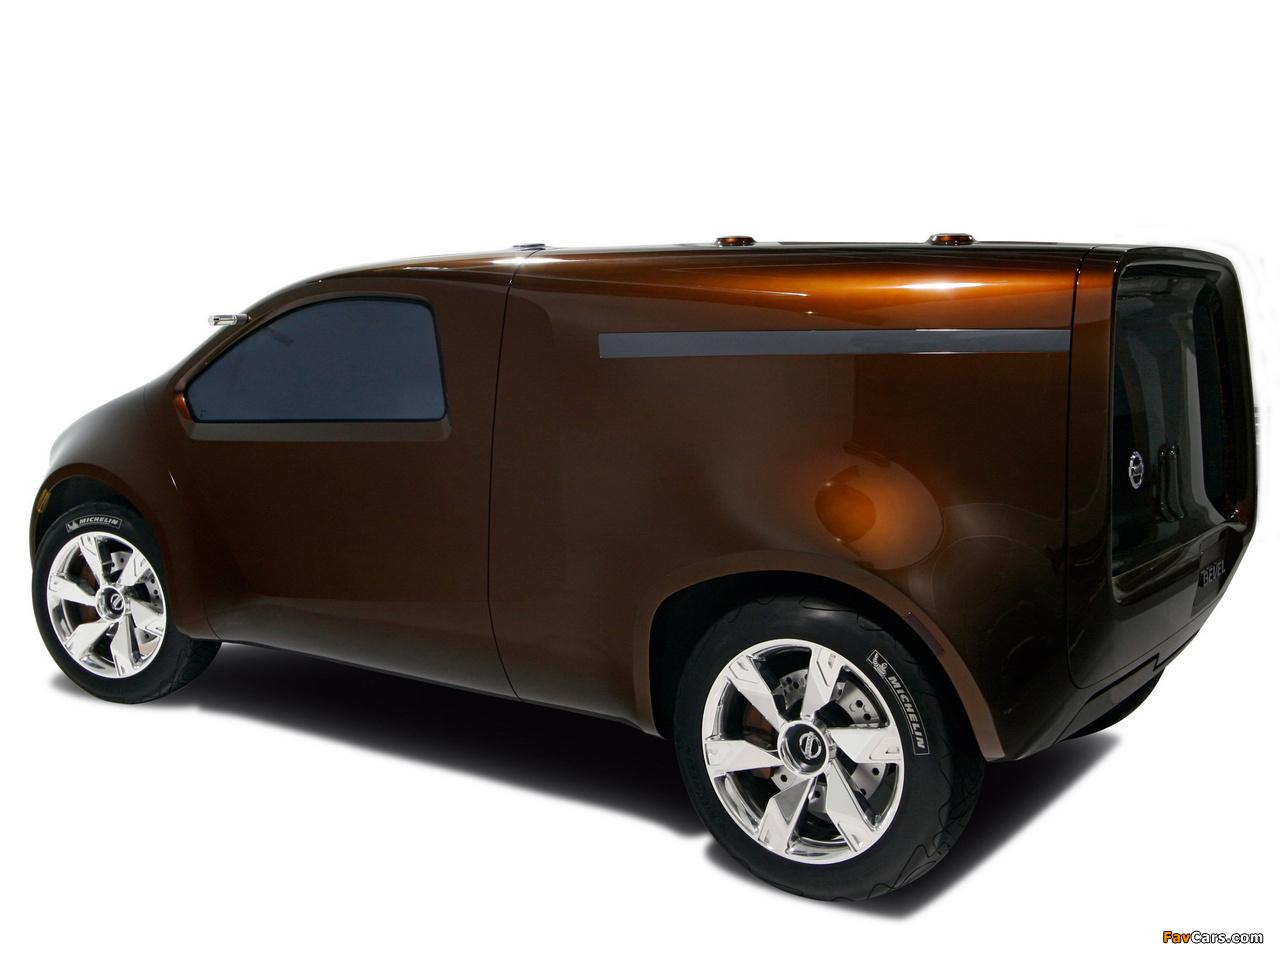 Nissan Bevel Concept 2007 photos (1280 x 960)